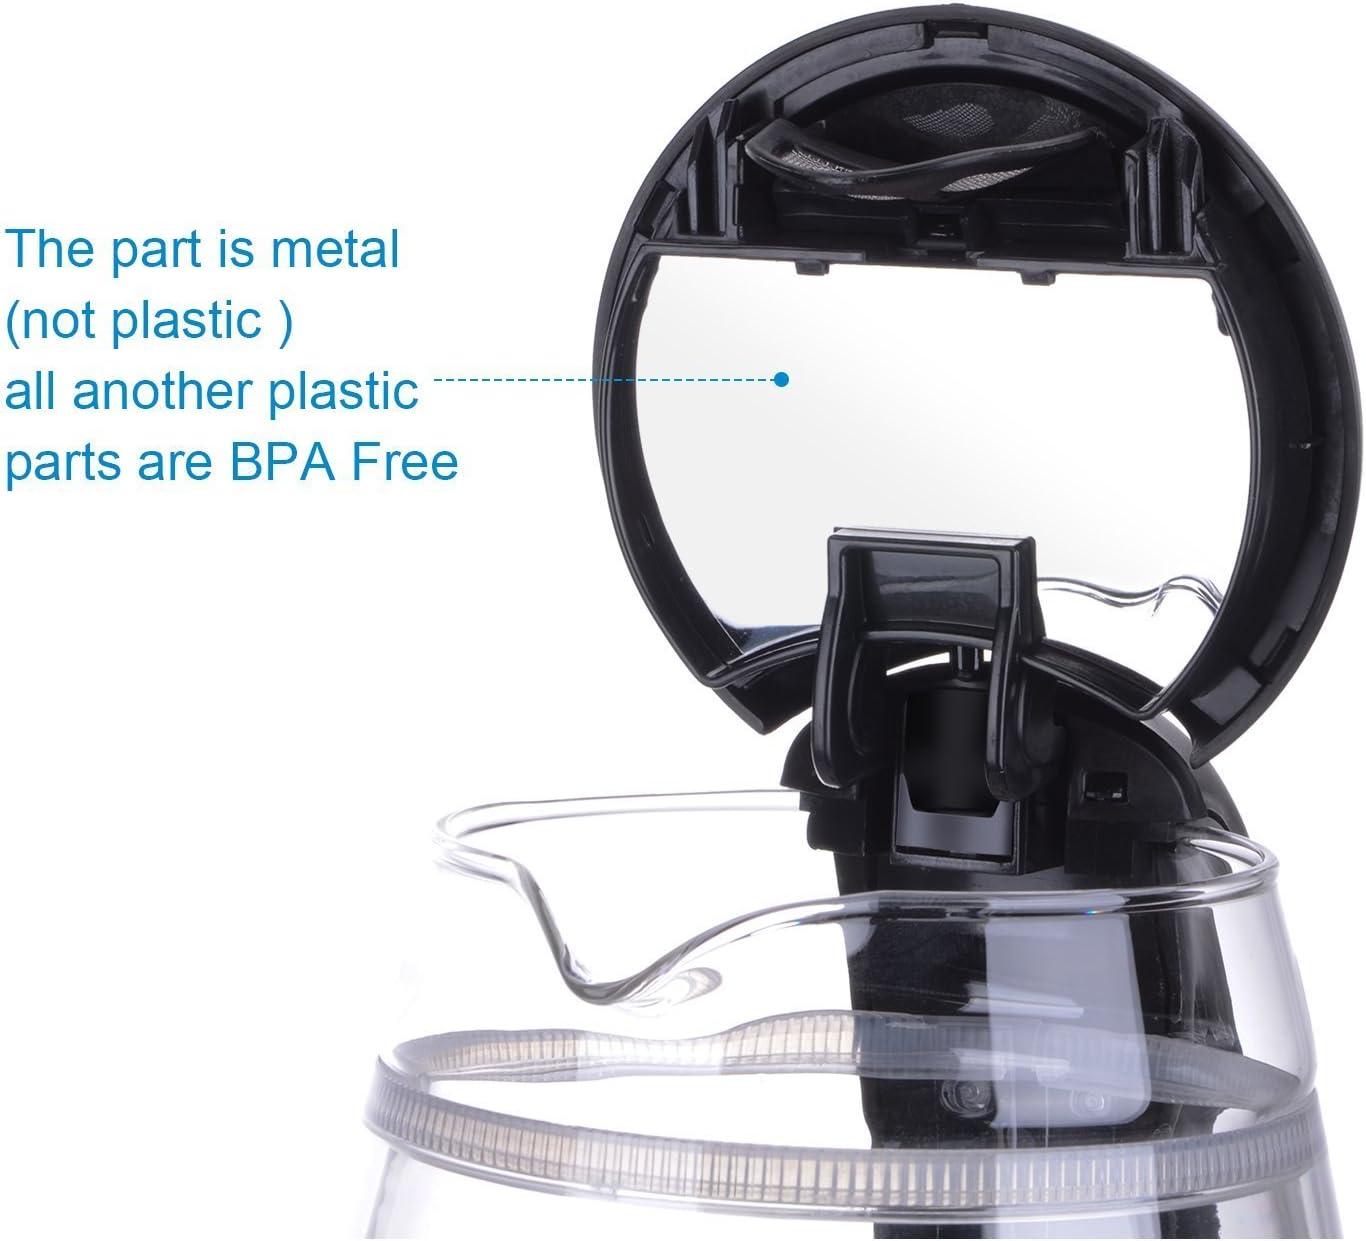 bouilloire electrique verre,KINDEN Bouilloire en thé Avec Double Verre Sans BPA température Thermostat réglable   1,7 litres   2200W   éclairage à LED